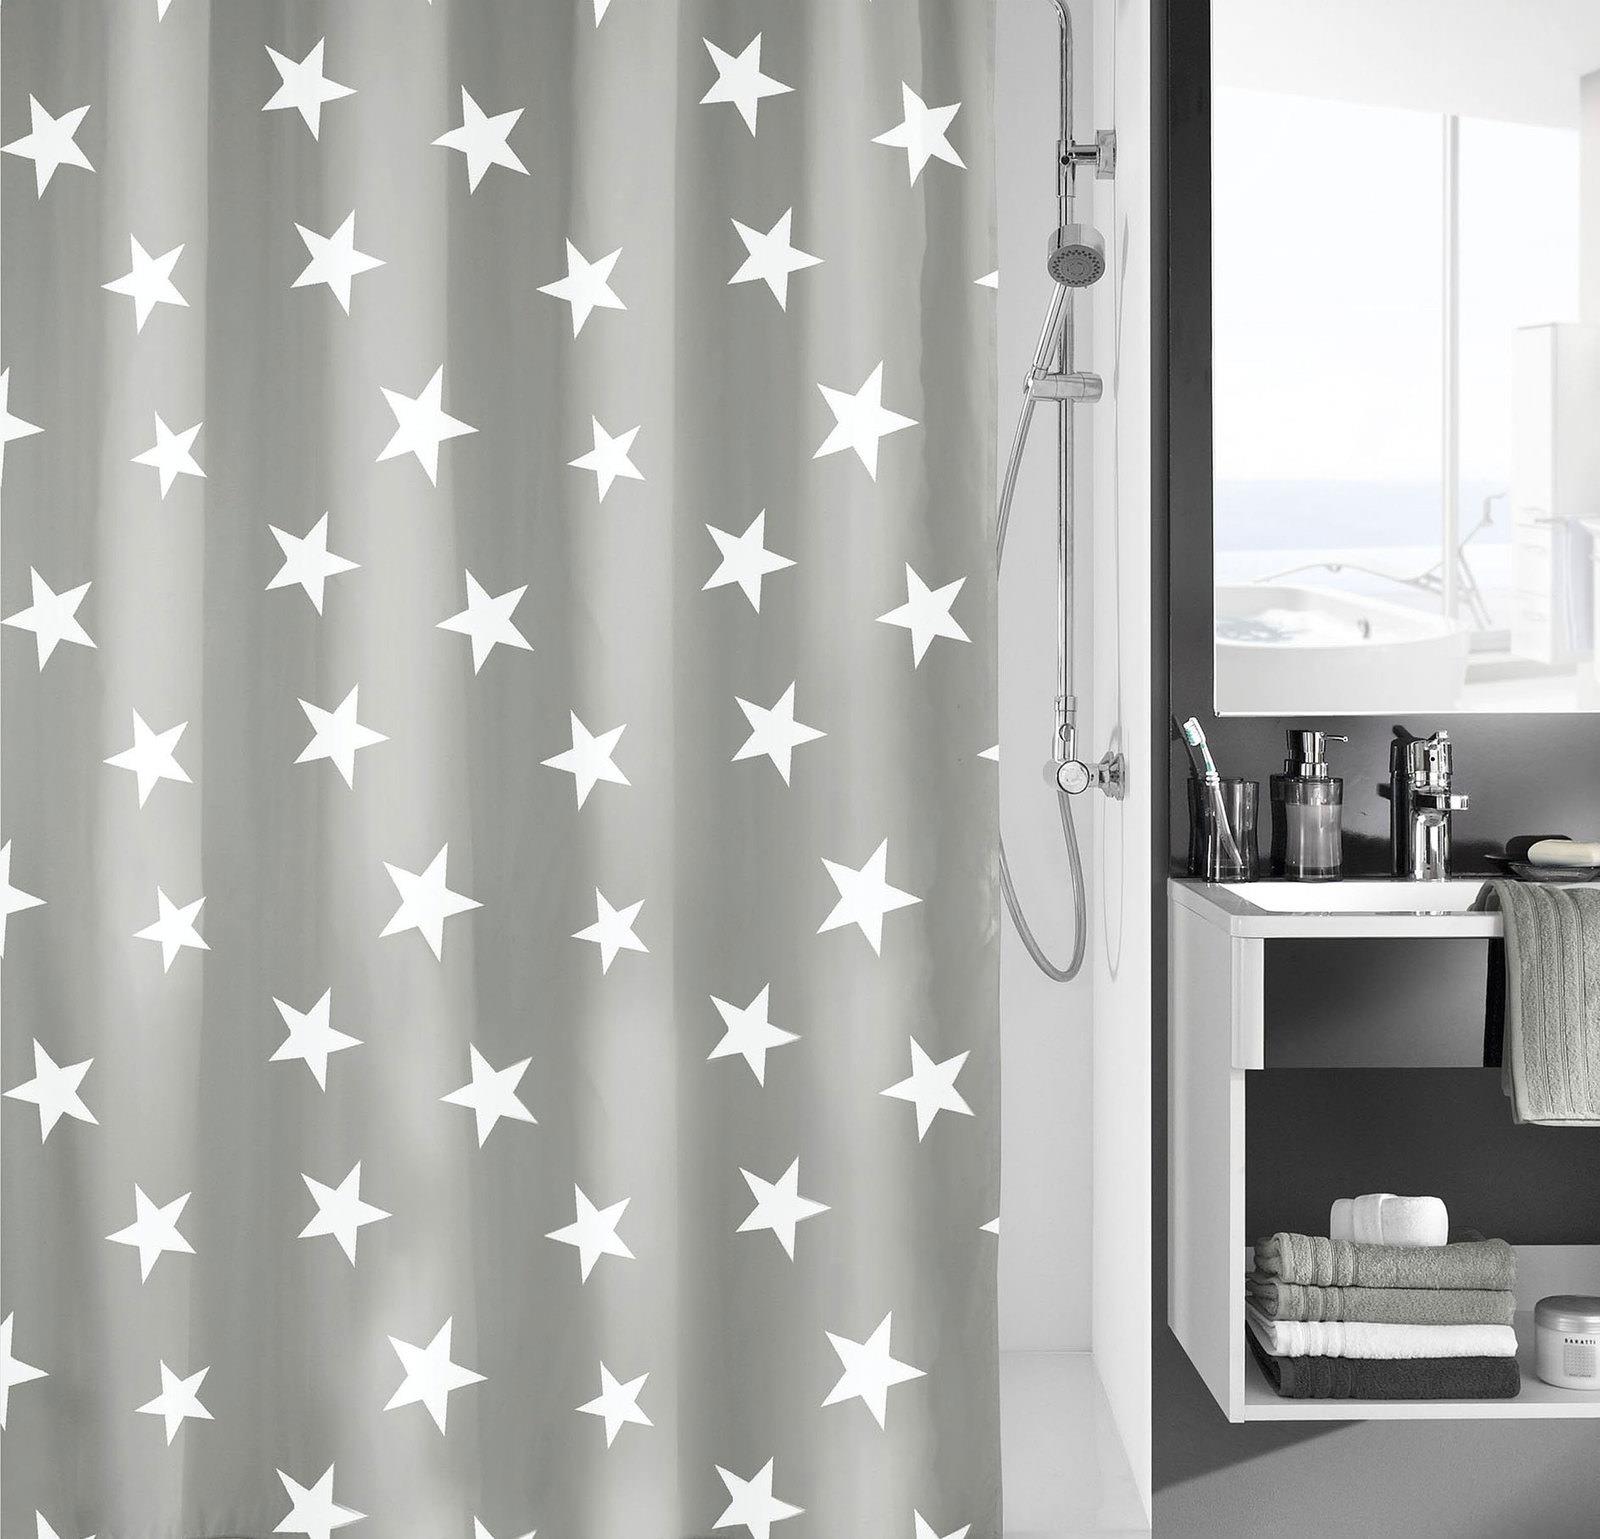 kleine wolke textil duschvorhang online entdecken schaffrath ihr m belhaus. Black Bedroom Furniture Sets. Home Design Ideas